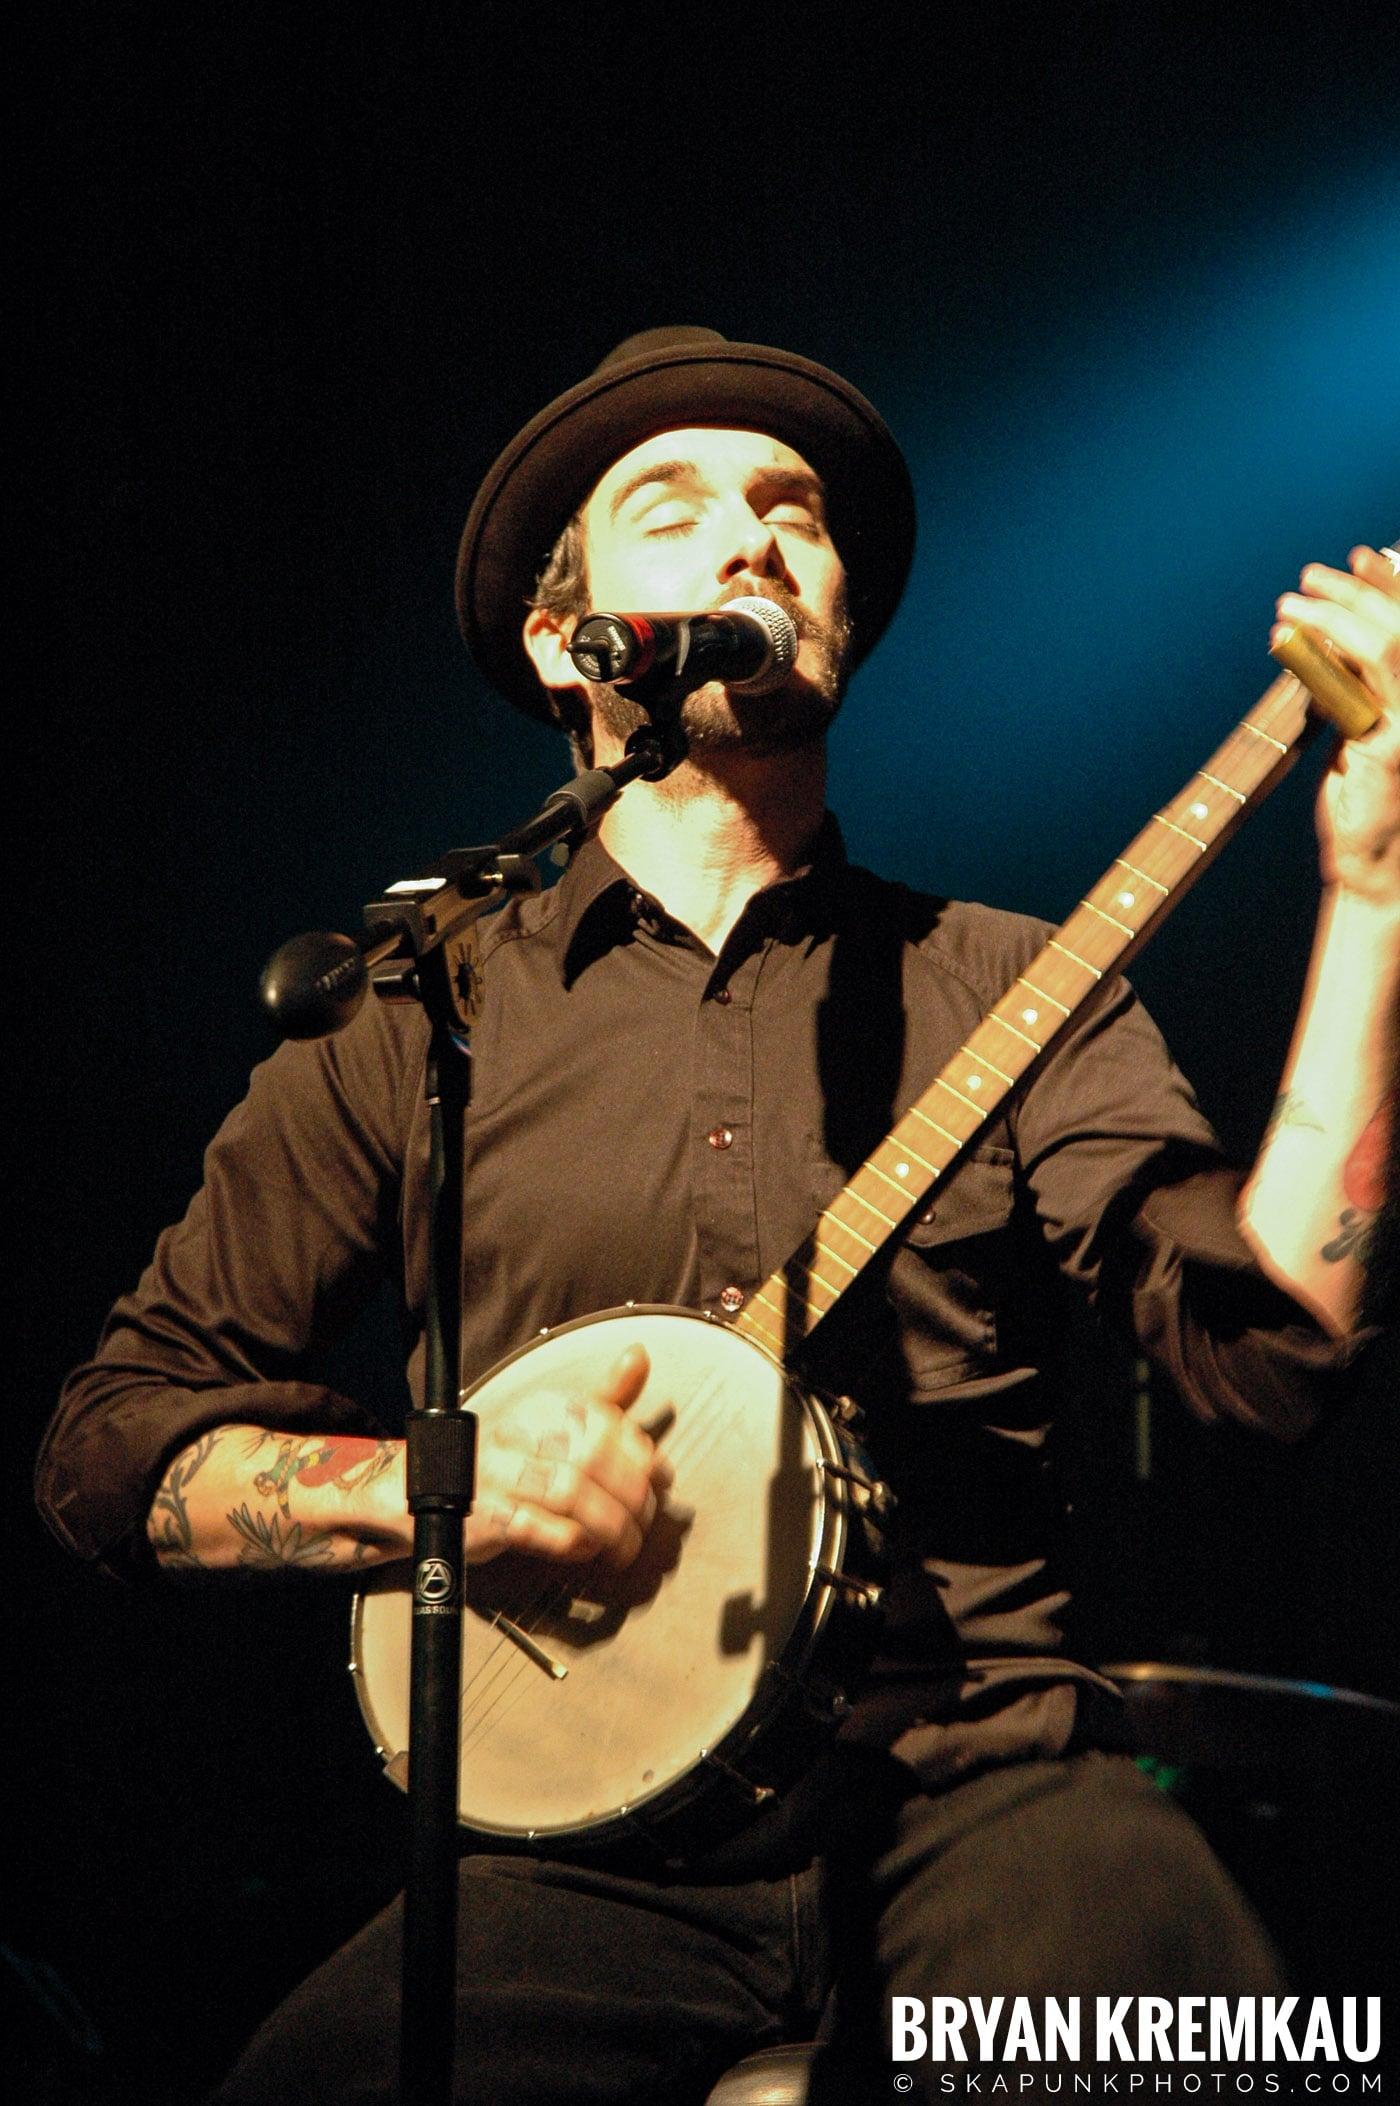 William Elliott Whitmore @ Nokia Theatre, NYC - 3.17.06 (6)